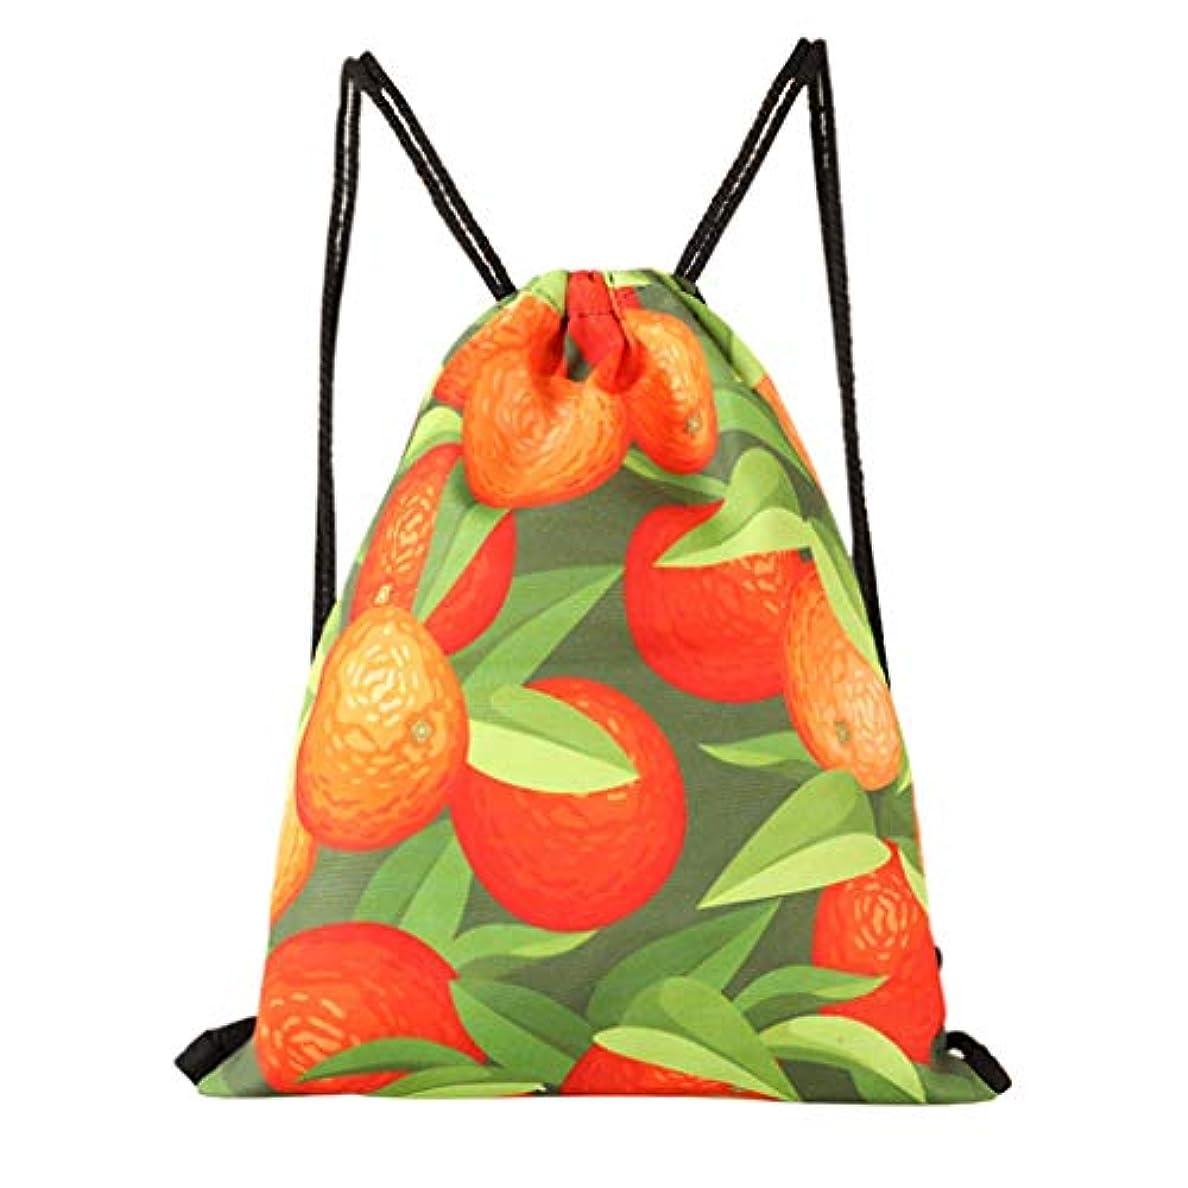 番号プロペラロープレディース女の子カジュアルかわいいプリント巾着バックパック旅行キャンプ軽量大容量ストレージバックパックスクールランチペンシルケースバックパック